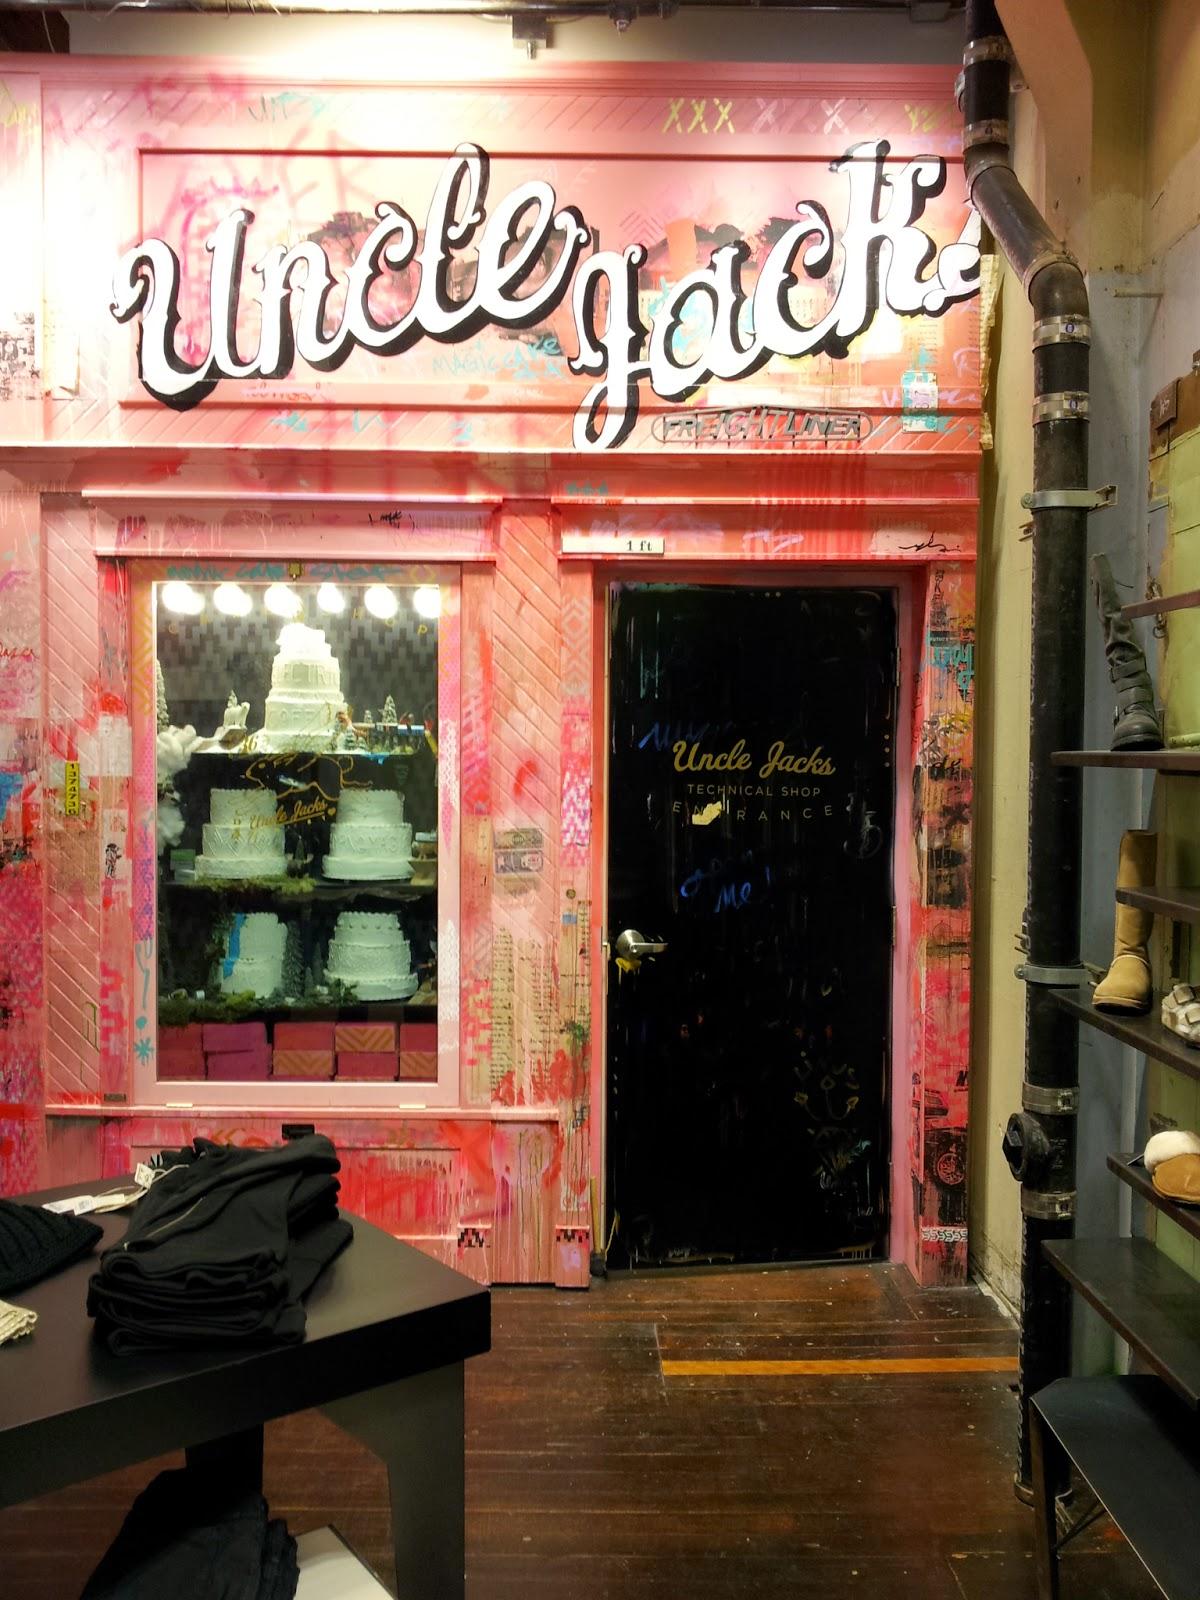 entrance to a cake shop?